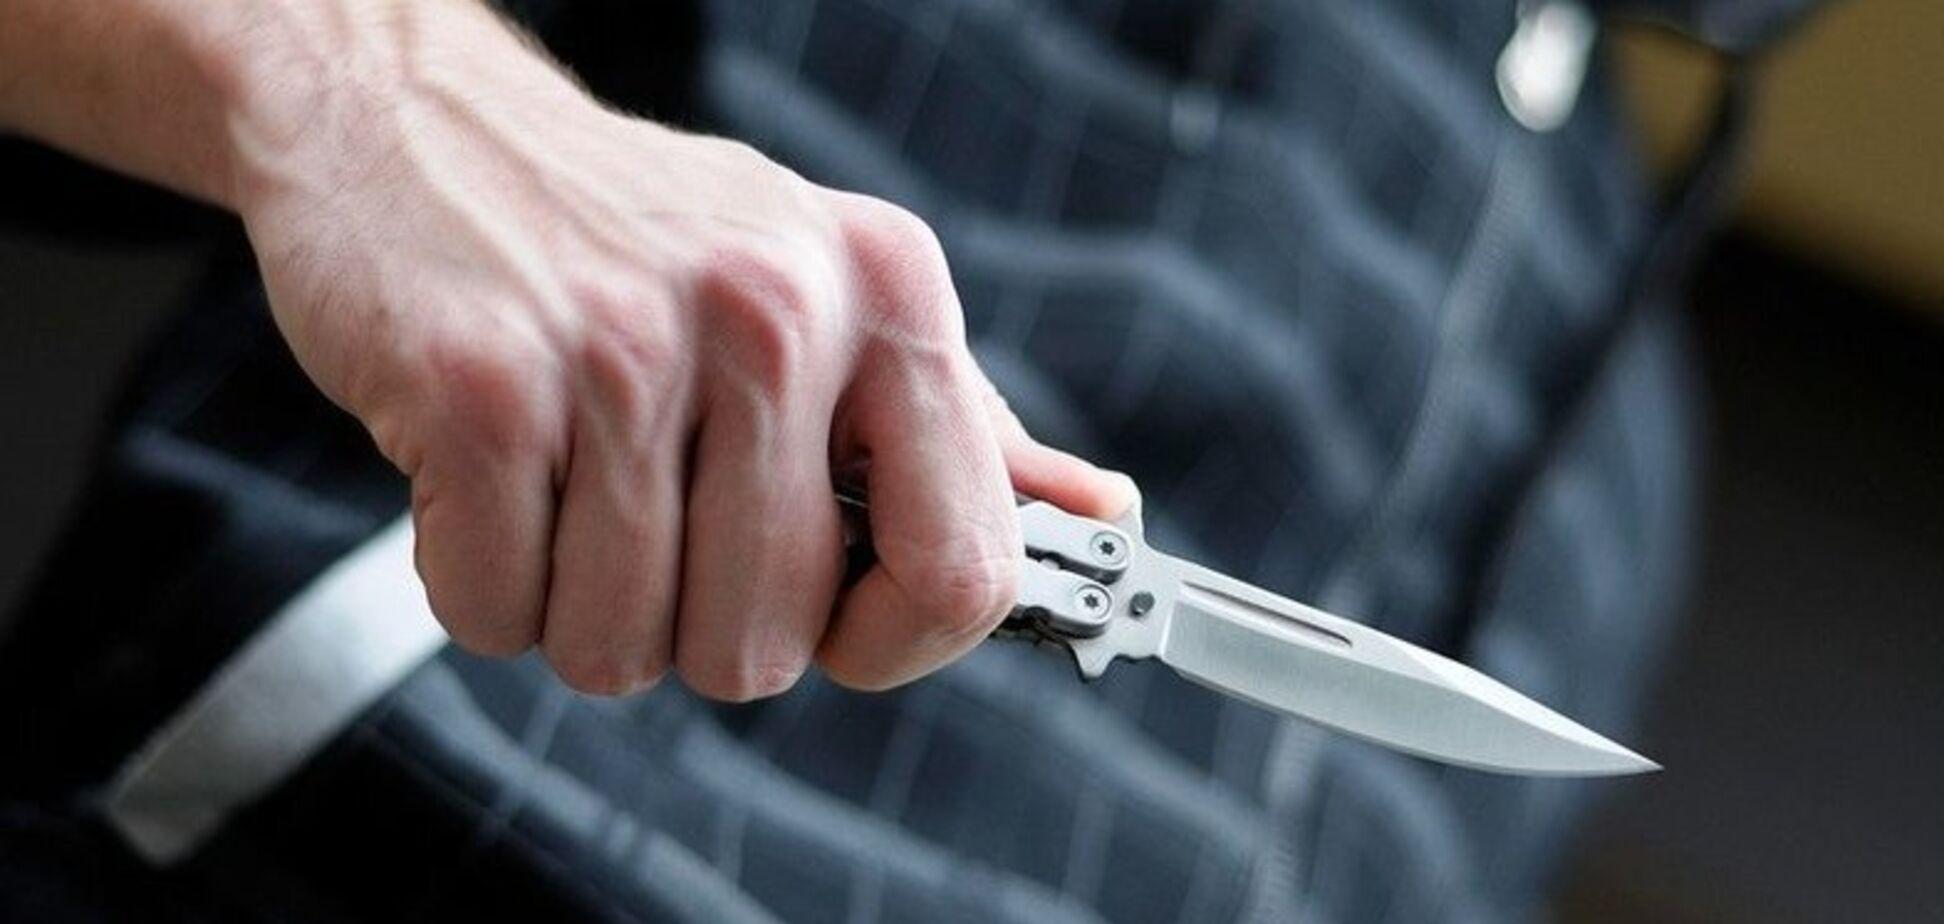 На Дніпропетровщині хлопцеві посеред вулиці встромили ножа у груди: потерпілий у реанімації